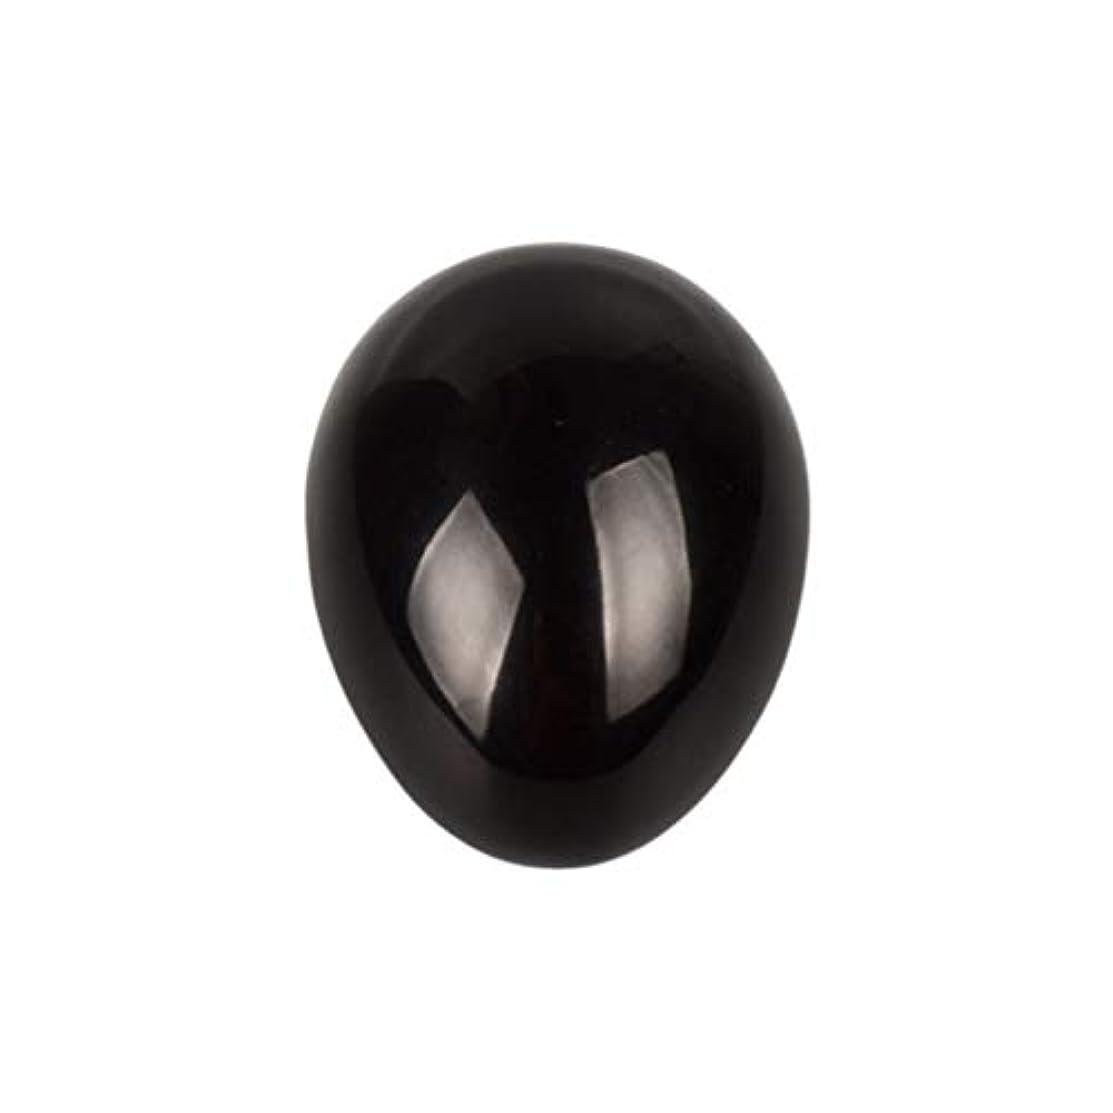 検査ハウス未就学Healifty 癒しの瞑想のための黒い黒曜石の宝石の卵球チャクラのバランスと家の装飾45 * 30 * 30ミリメートル